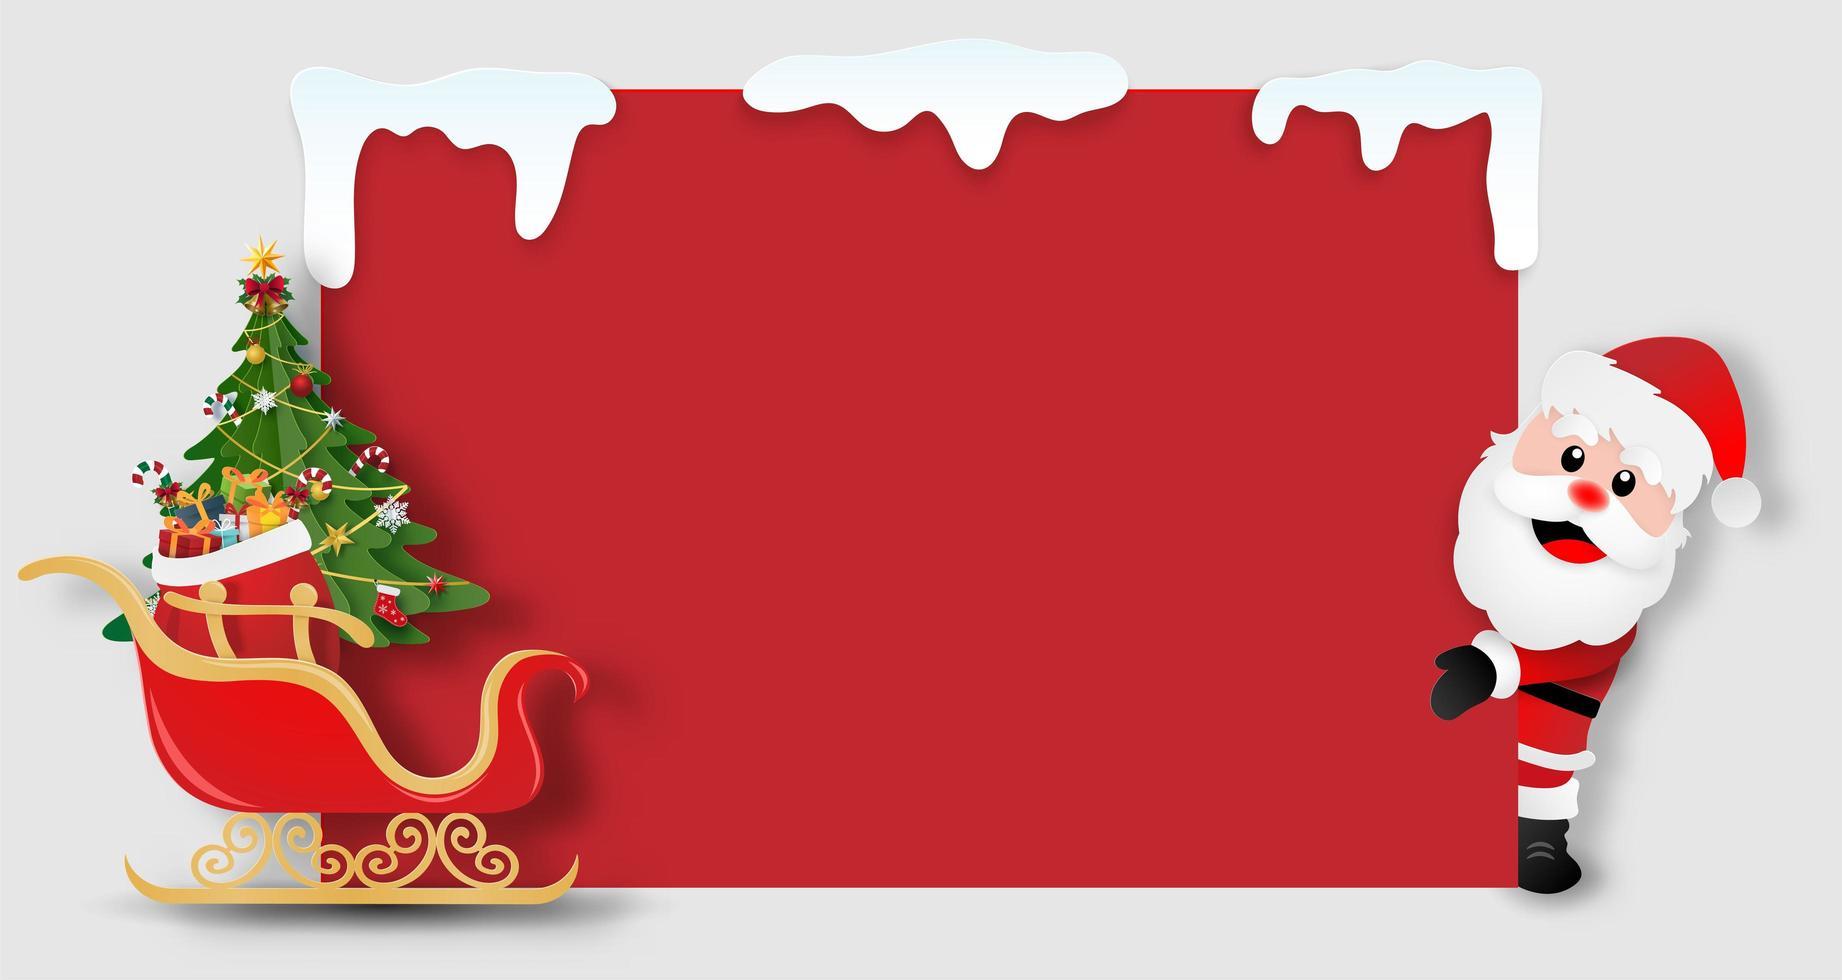 Weihnachtsmann hält eine leere Weihnachtskarte vektor